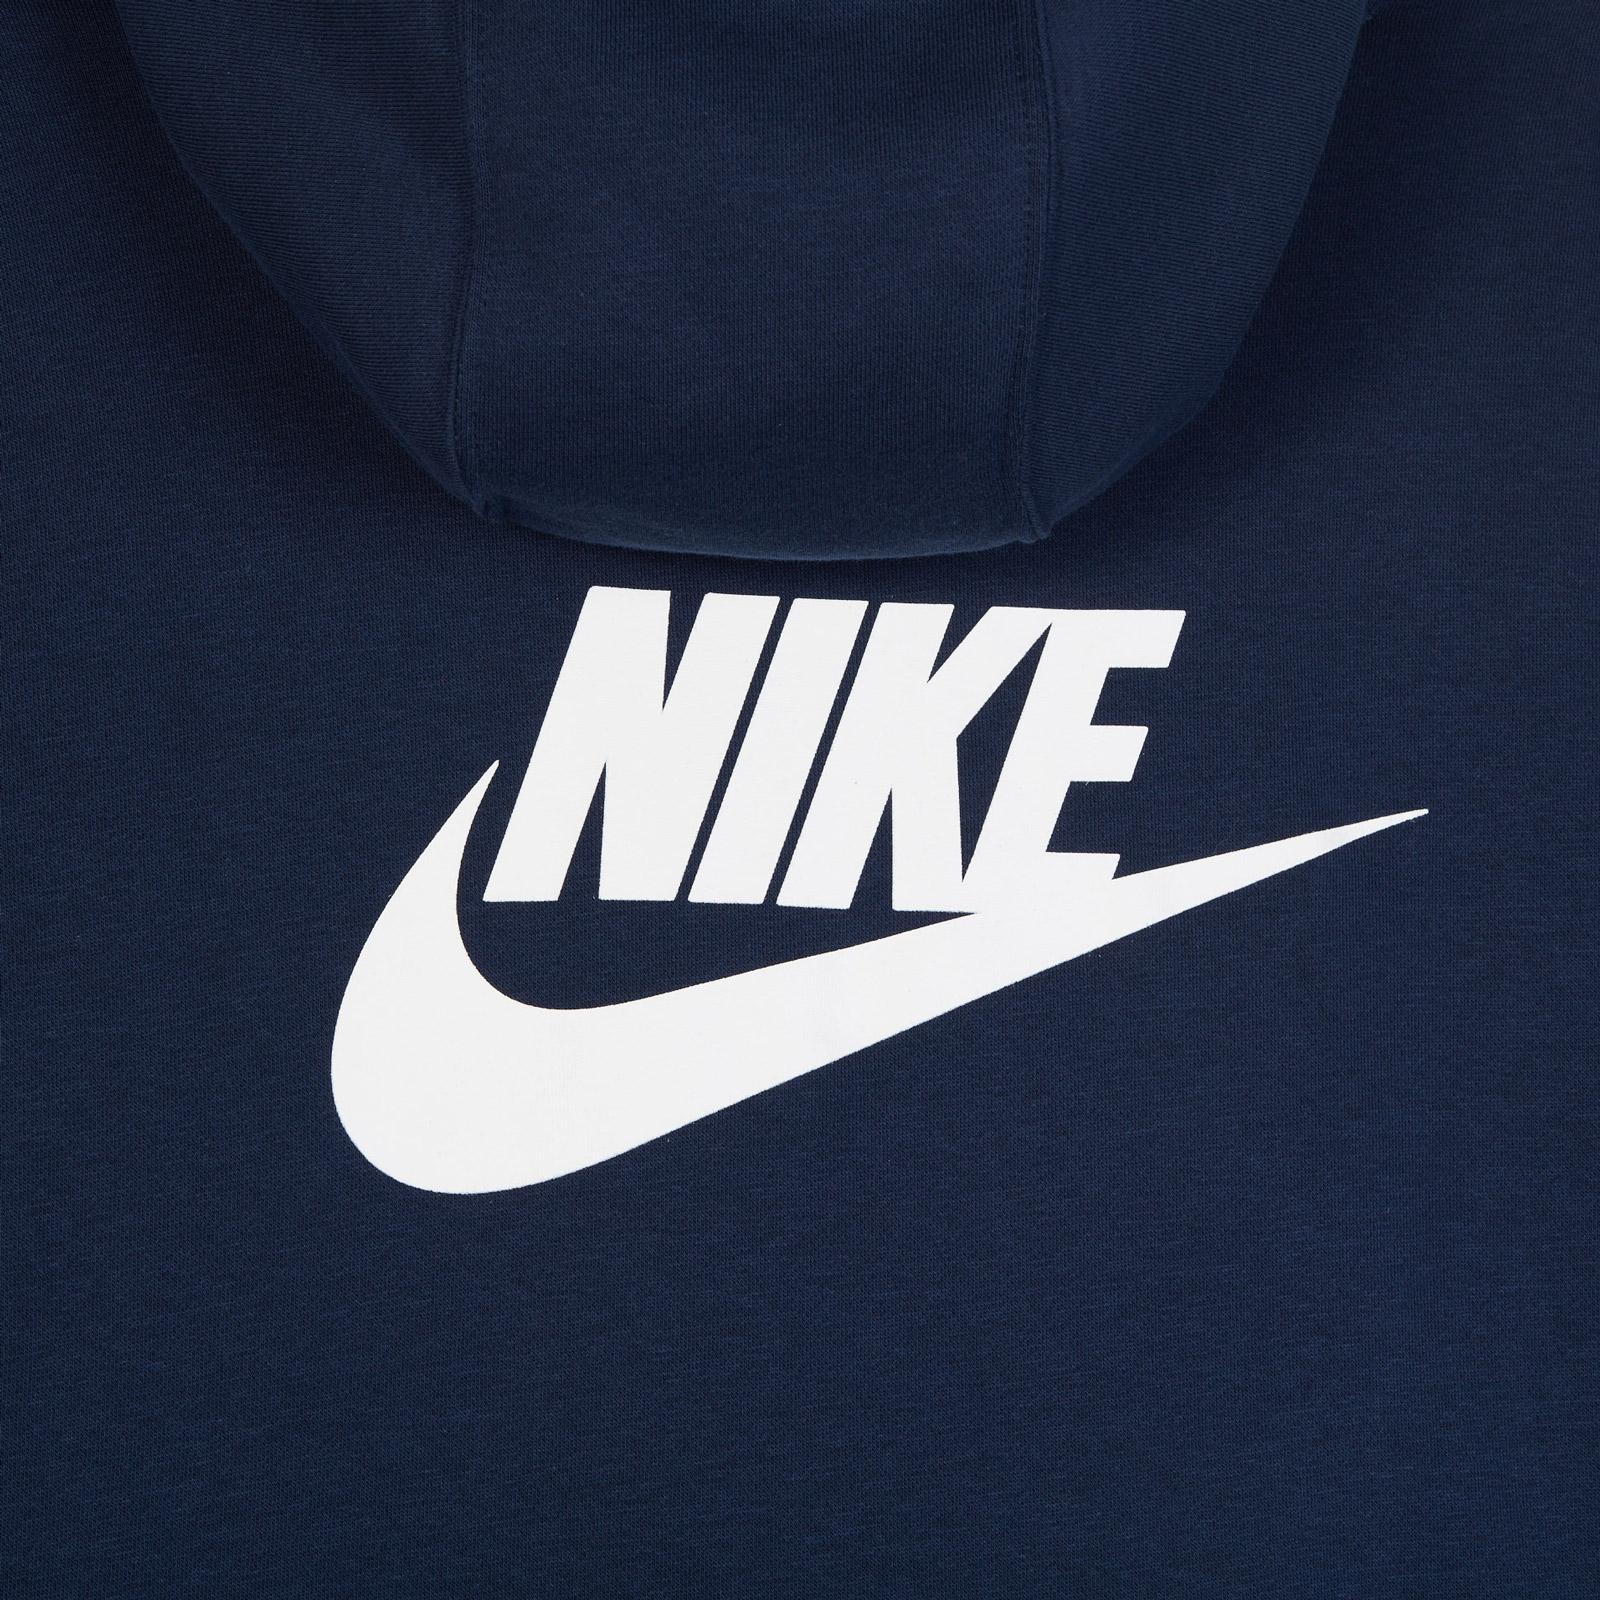 6bed08600 Nike Club PO Hoodie - Cq3655-419 - Sneakersnstuff | sneakers ...